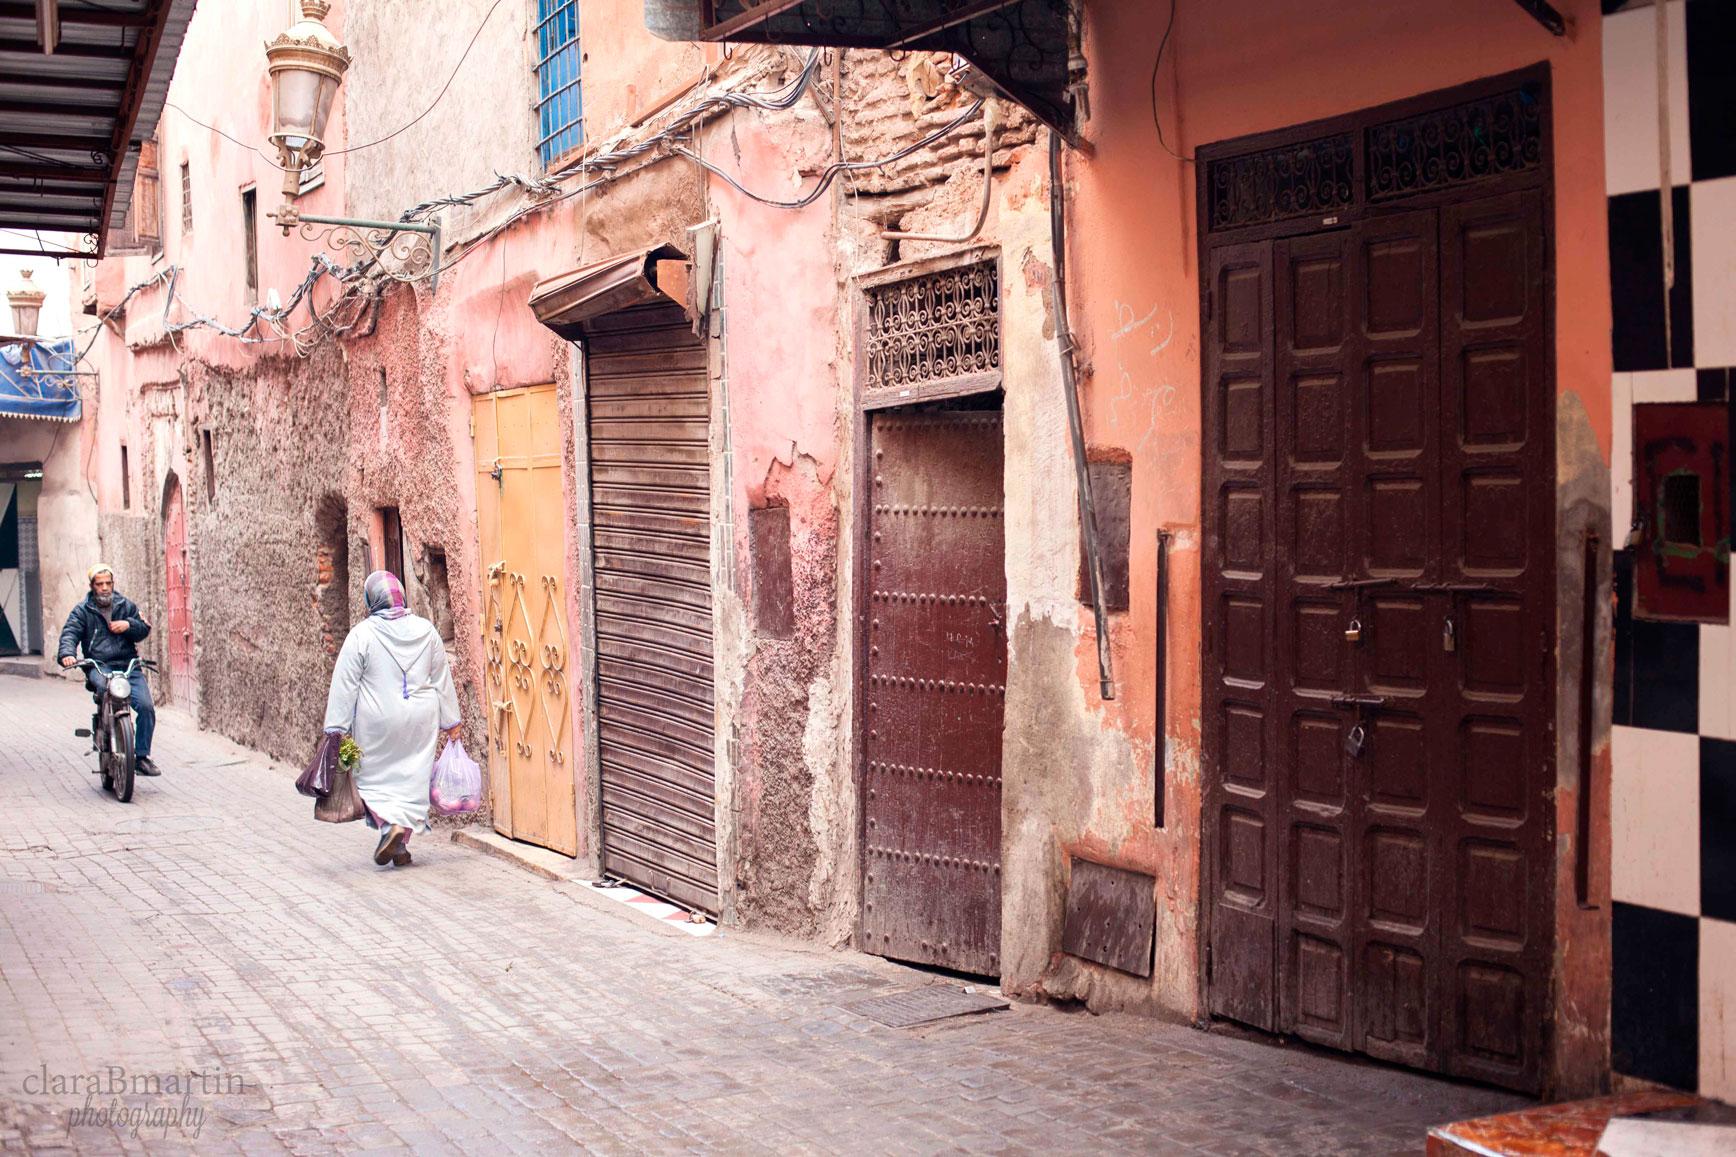 Marrakech_claraBmartin_10